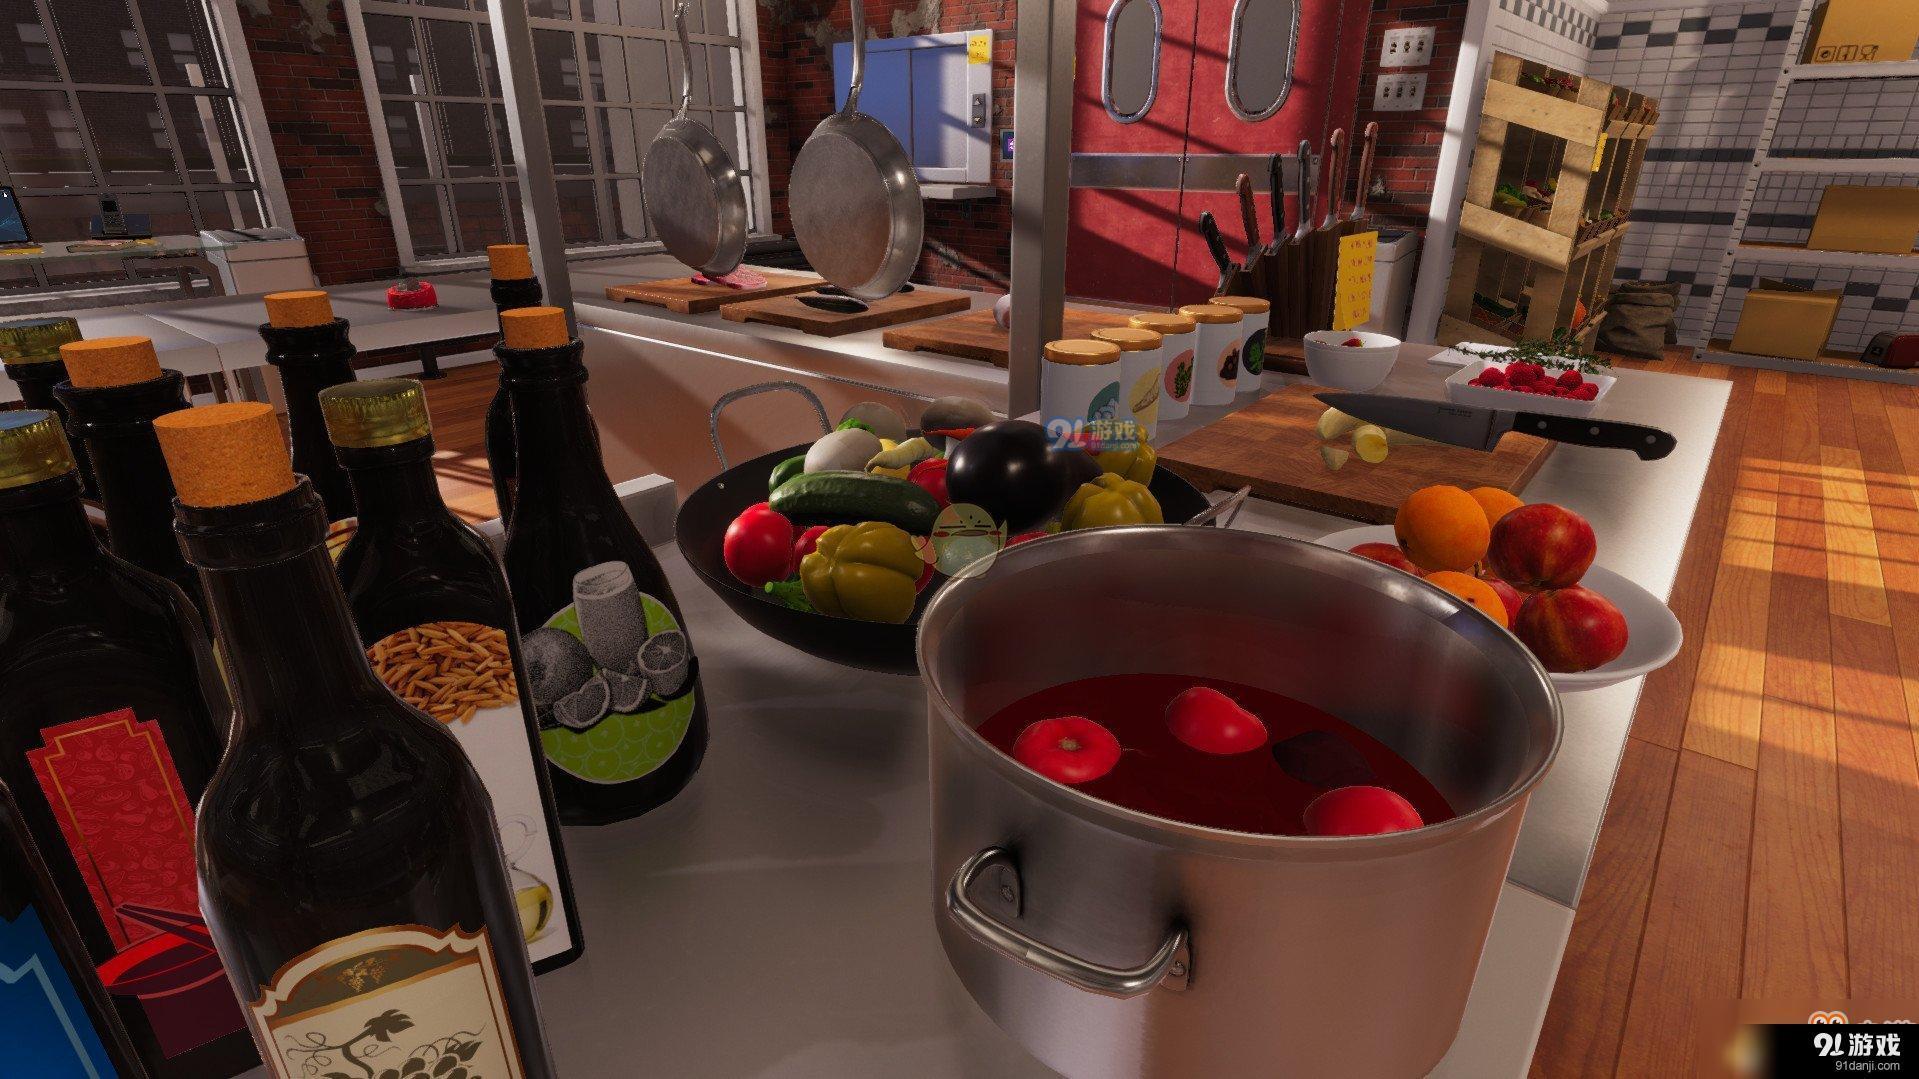 理模拟器做菜怎么偷懒 做菜偷懒方法介绍